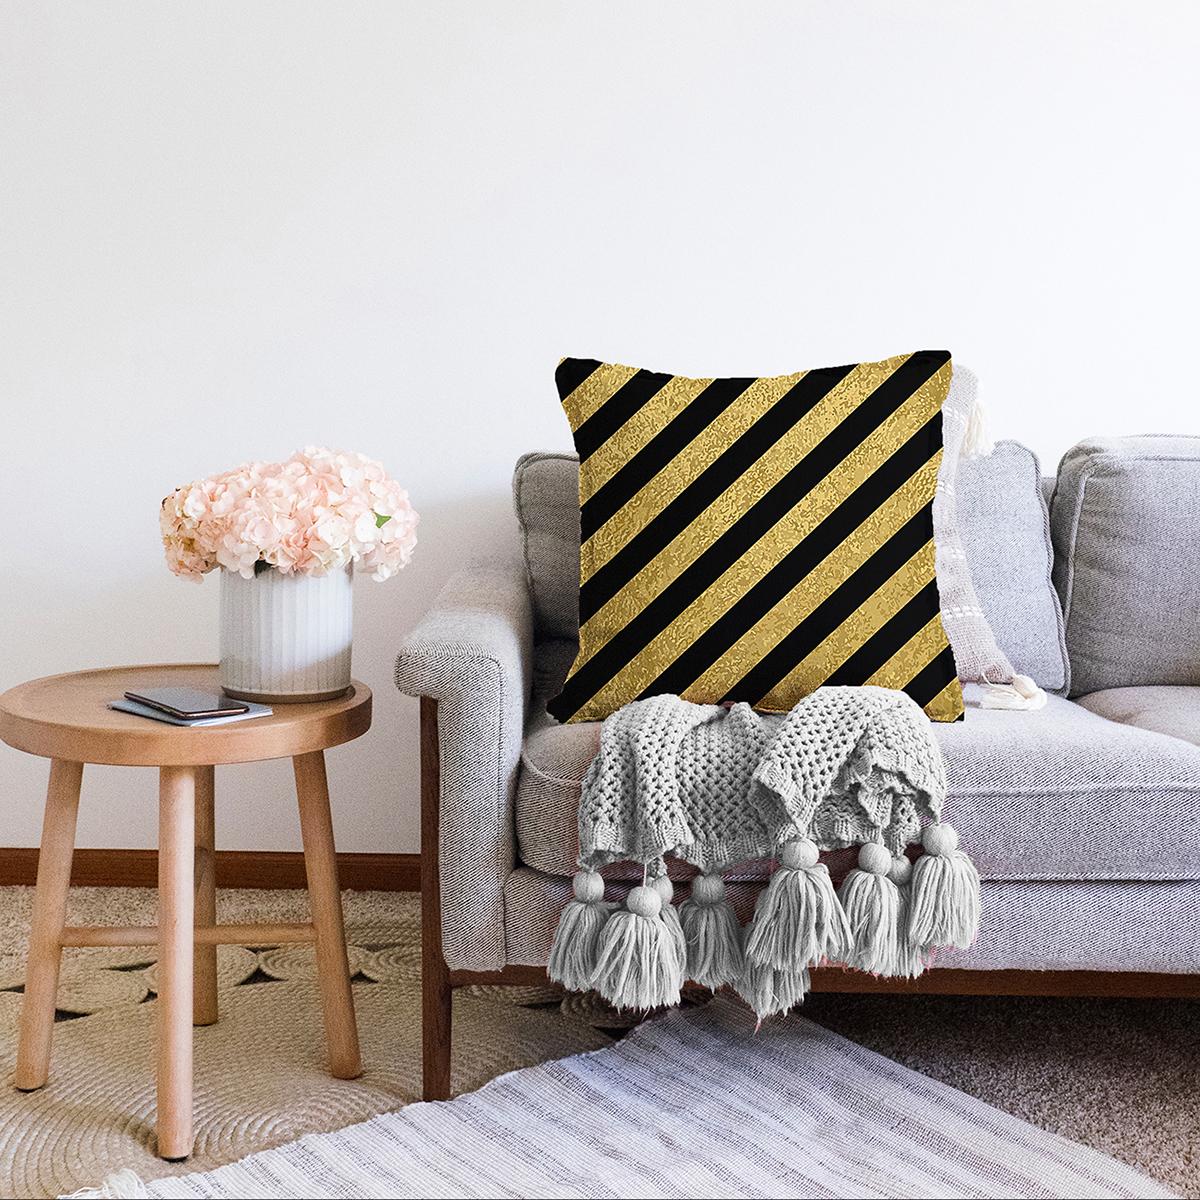 Çift Taraflı Gold Zeminli Siyah Geometrik Desenli Dijital Baskılı Modern Şönil Yastık Kırlent Kılıfı Realhomes